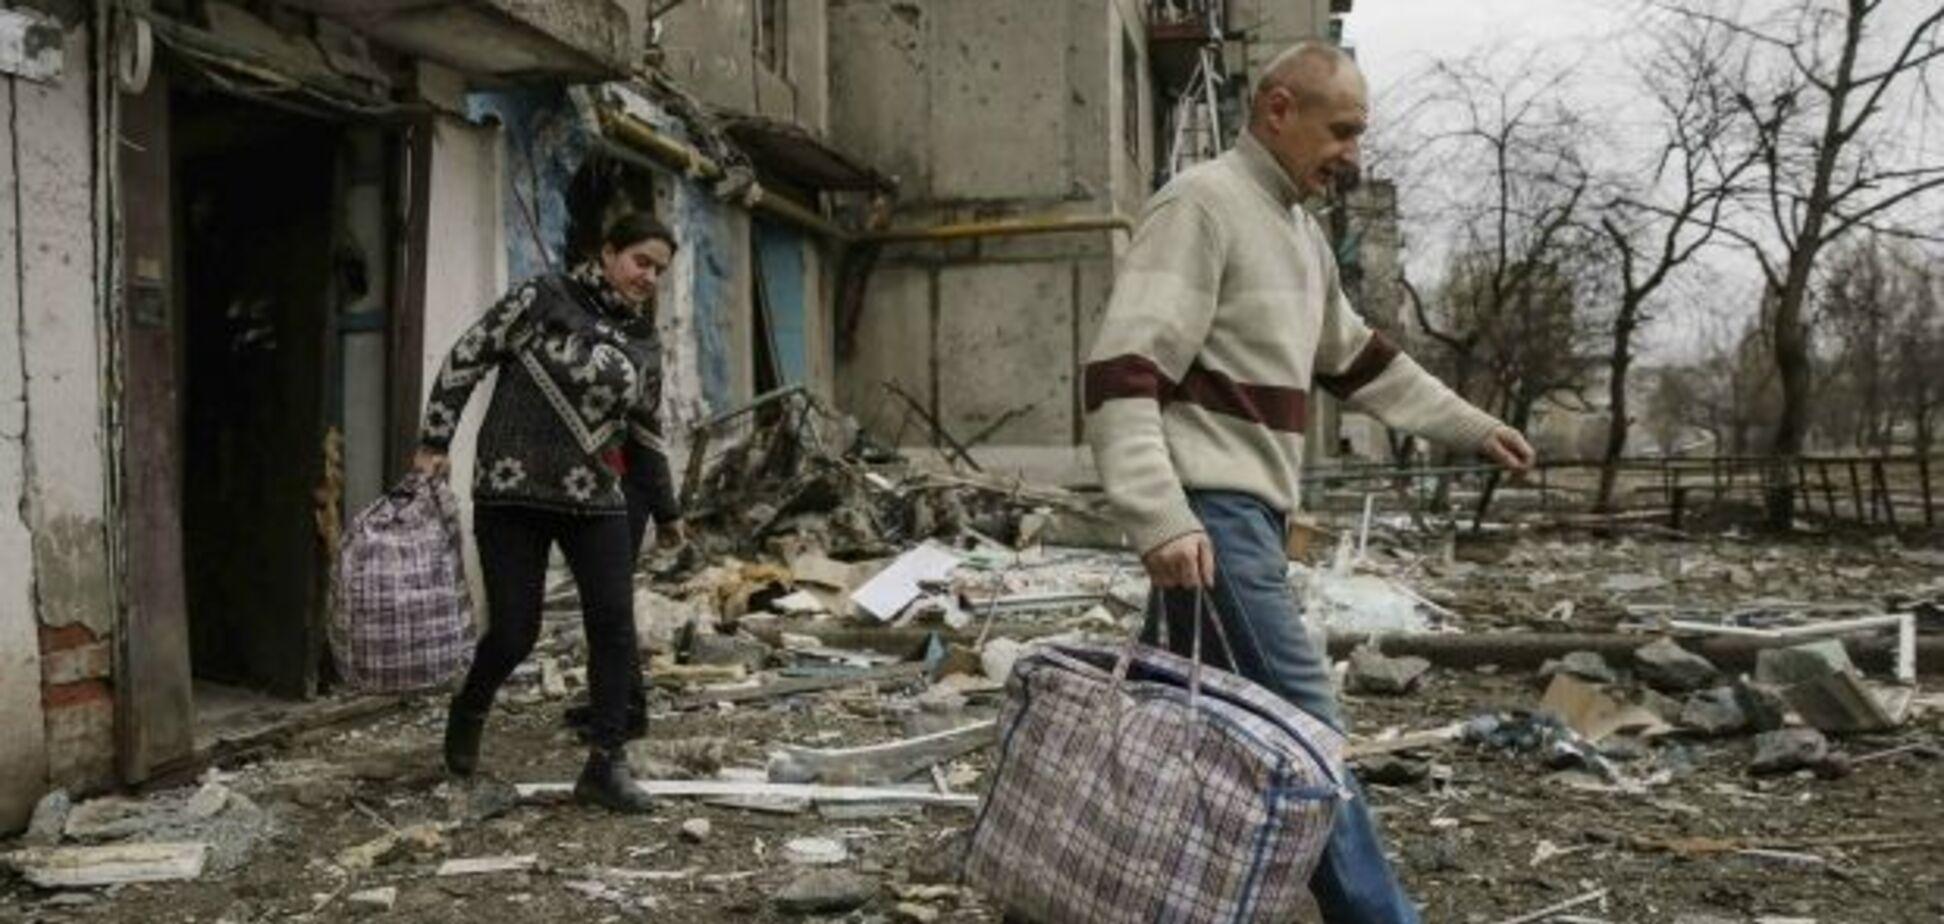 'Донбасс не выживет': главарь 'ДНР' признал разруху 'республики'